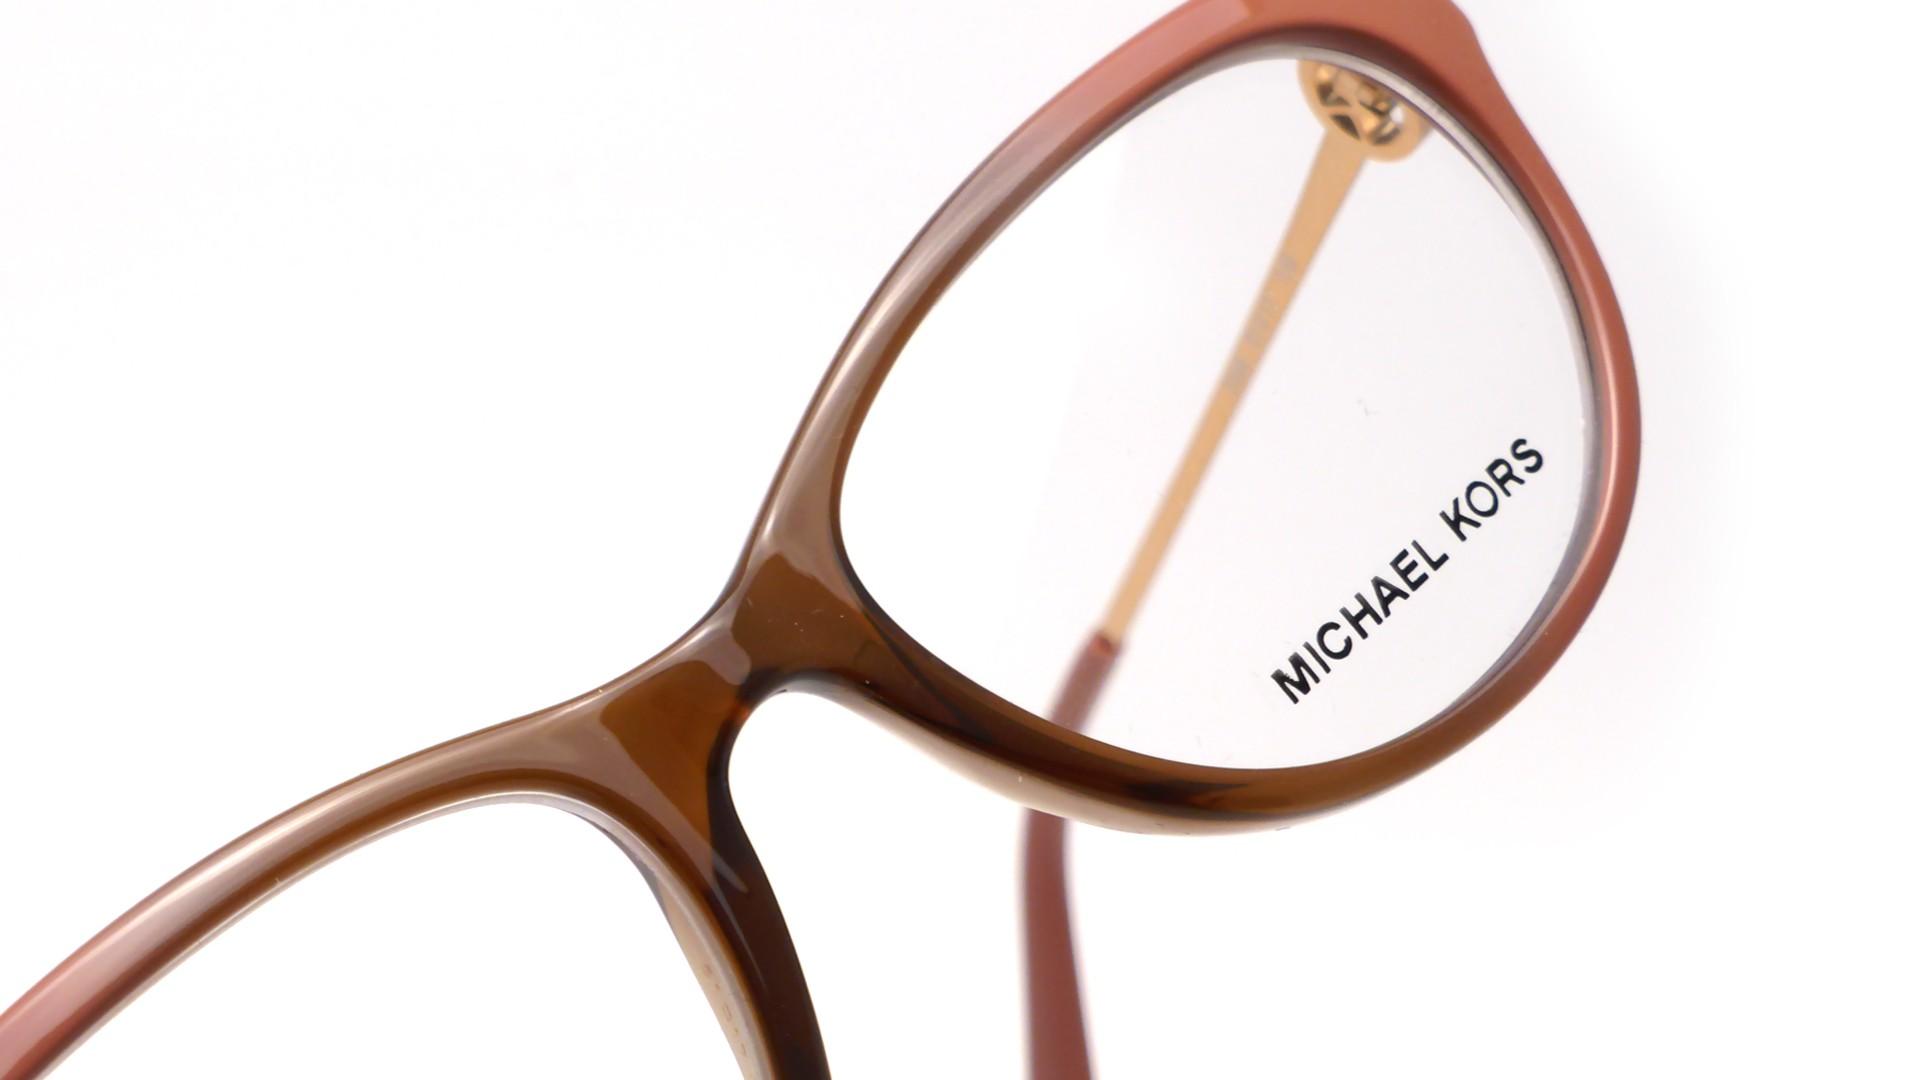 e240699f16 Eyeglasses Michael kors Courmayeur Pink MK8003 3008 51-17 Medium